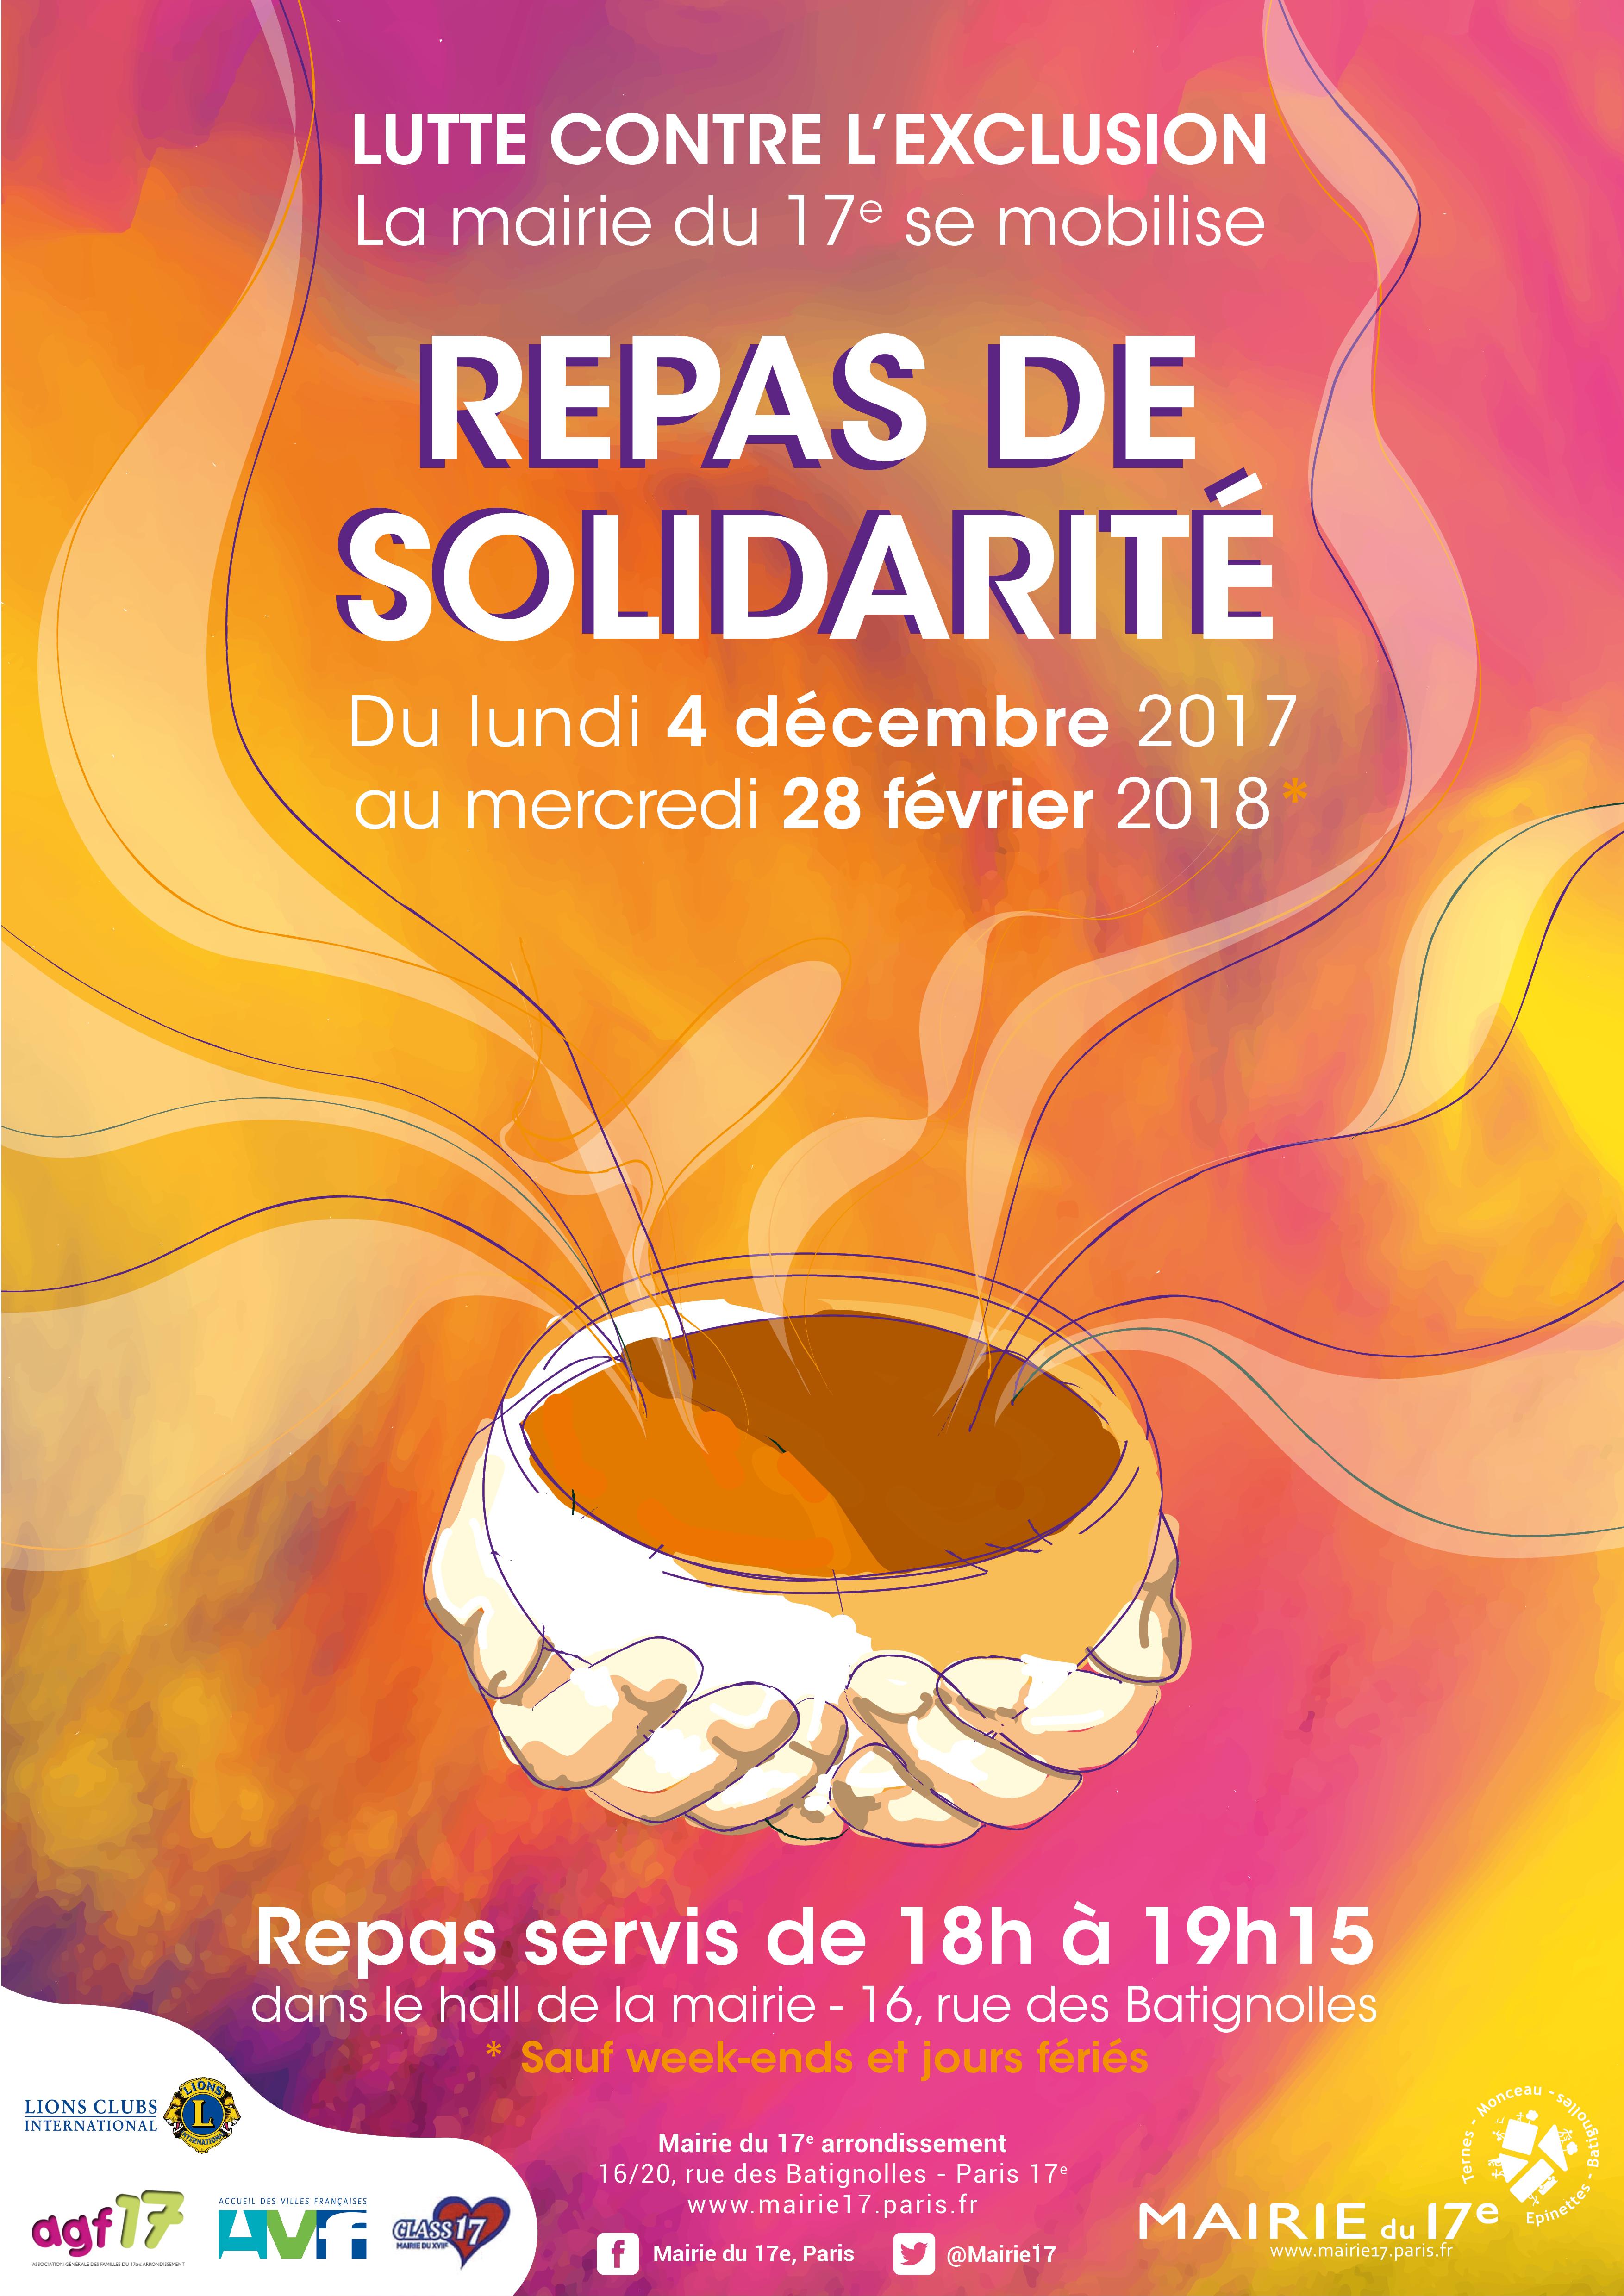 AFFICHE REPAS DE SOLIDARITE 2017-2018